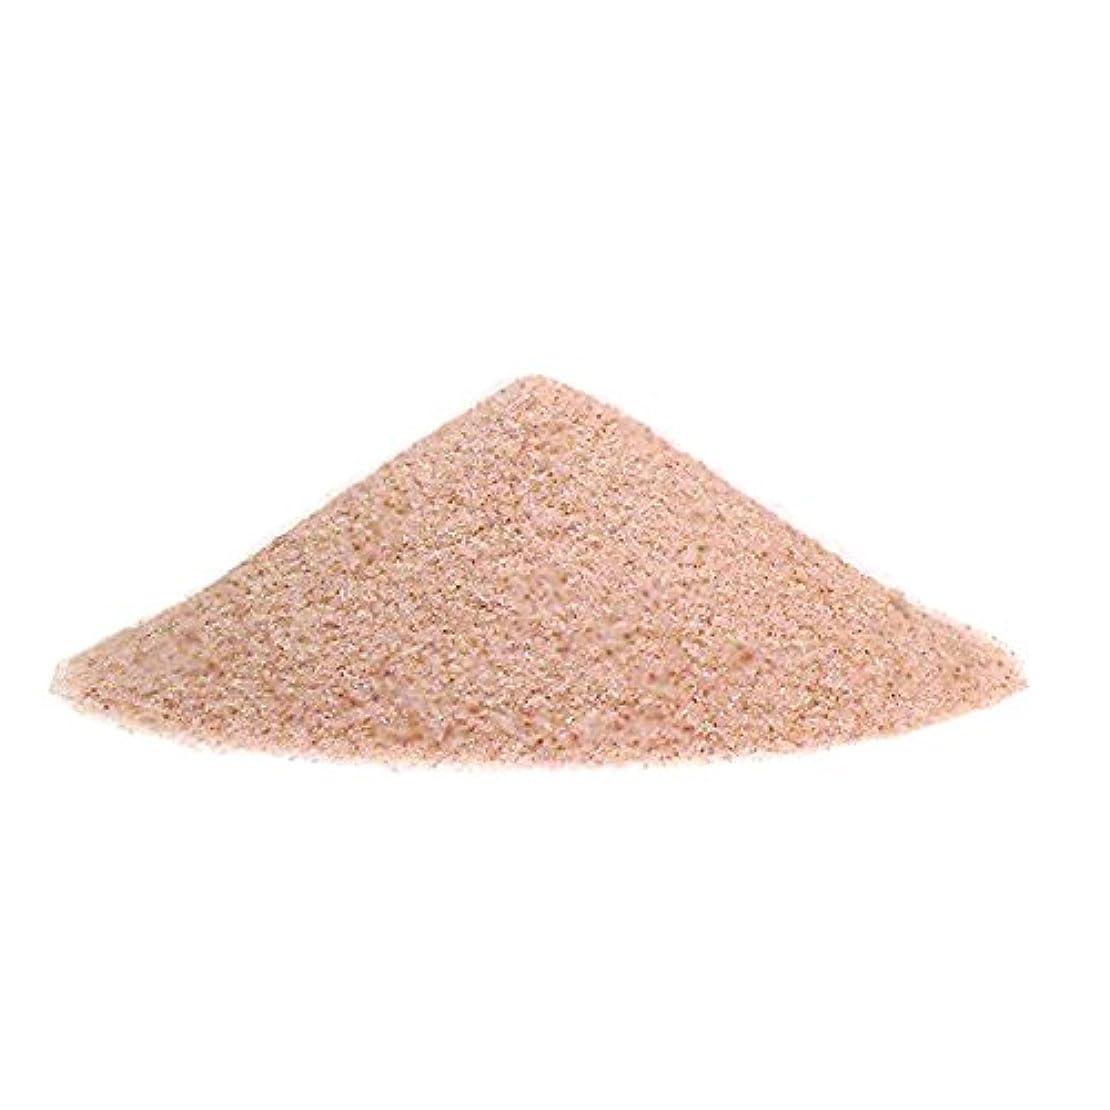 粘土ラバラフトヒマラヤ岩塩 ピンクソルト 入浴用 バスソルト(微粒パウダー)2kg ピンク岩塩